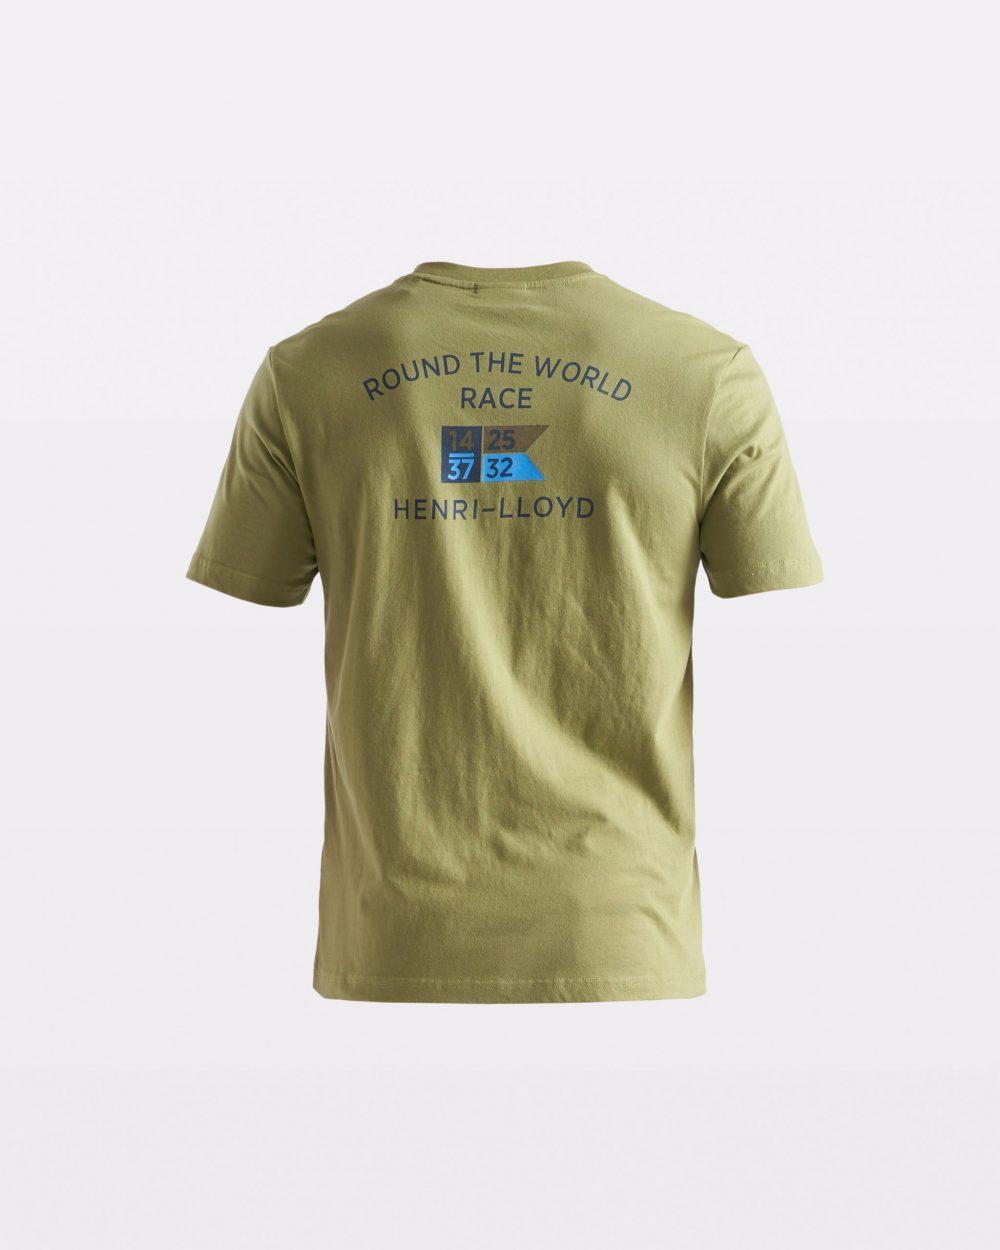 Miesten vaaleanvihreä RWR-t-paita takaapäin